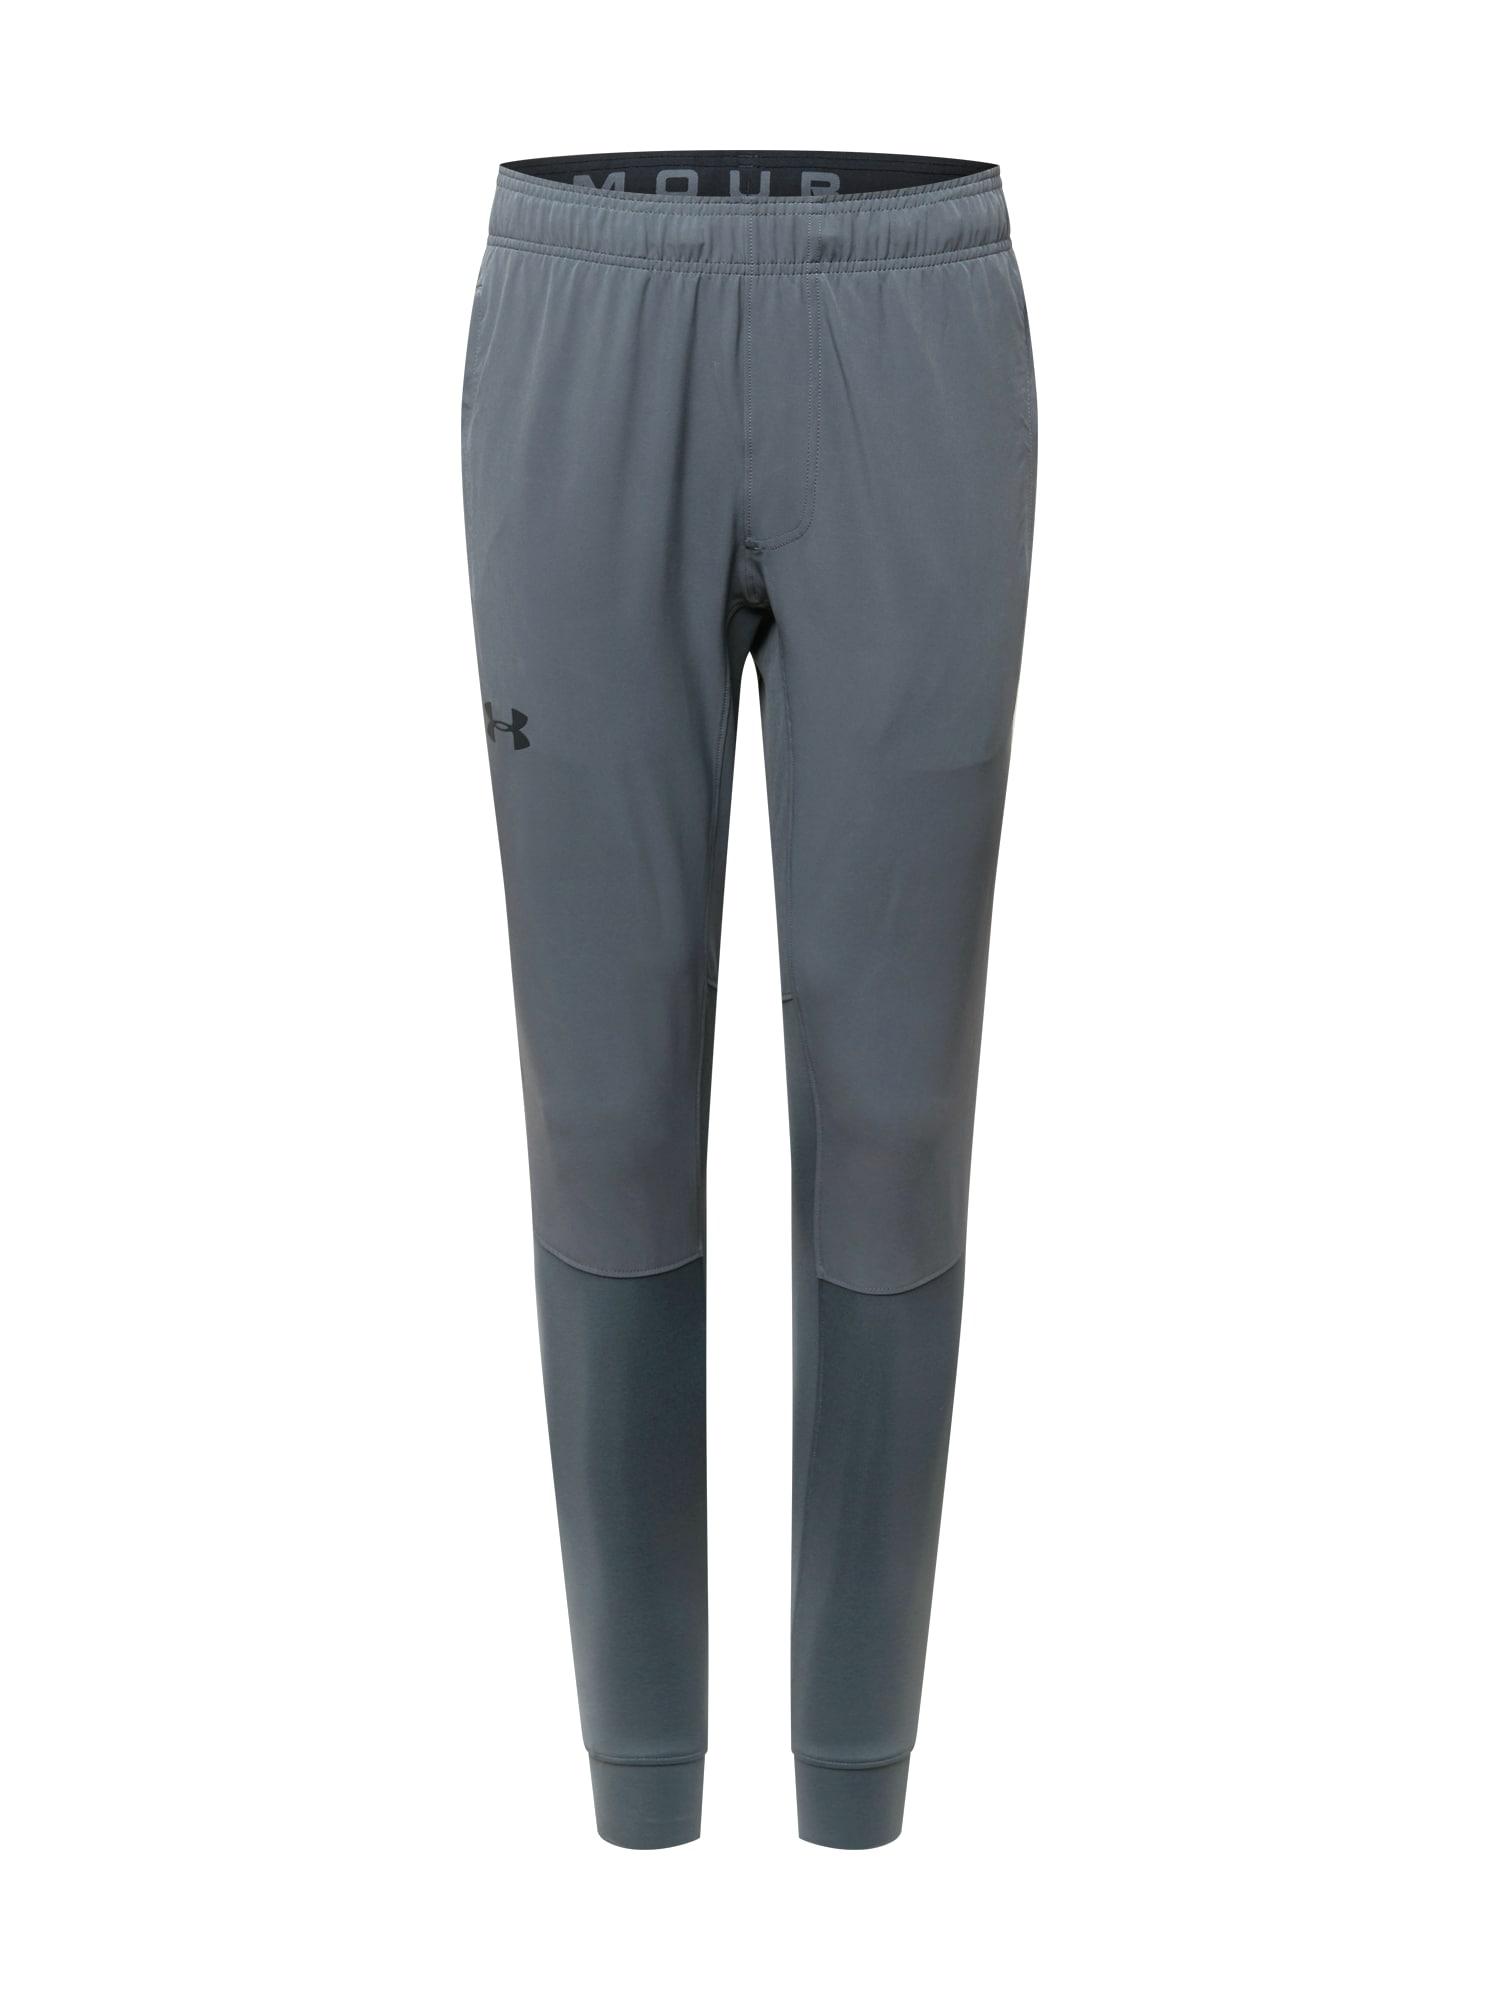 UNDER ARMOUR Sportovní kalhoty 'HYBRID'  šedá / tmavě šedá